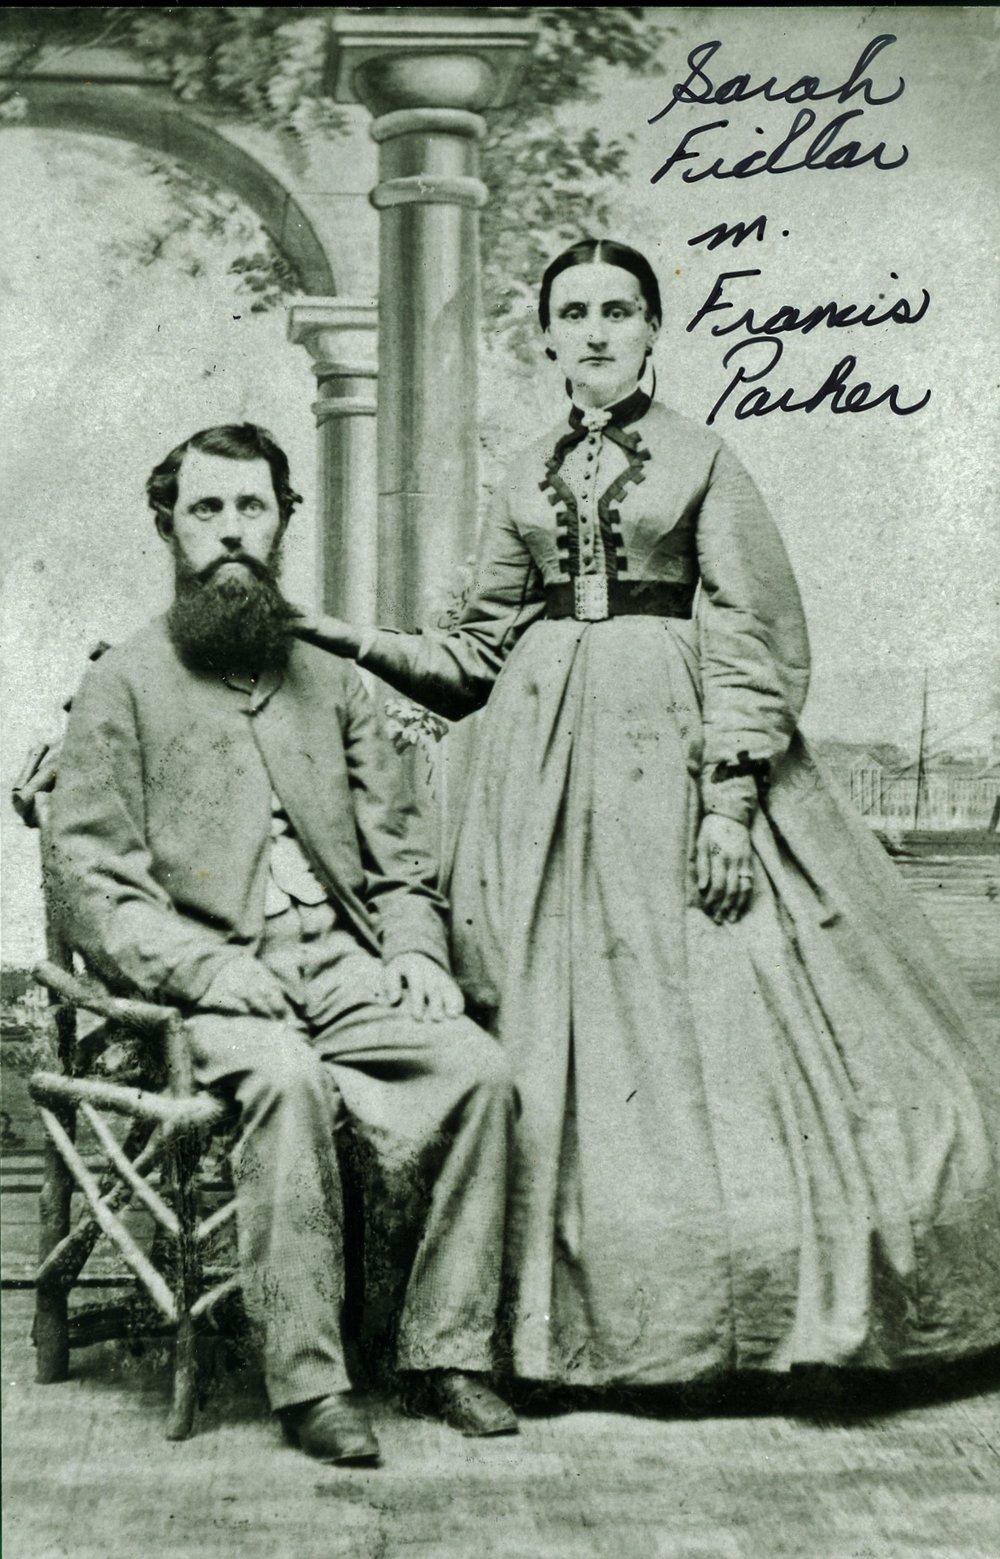 Francis B. Parker/Sarah Fidlar